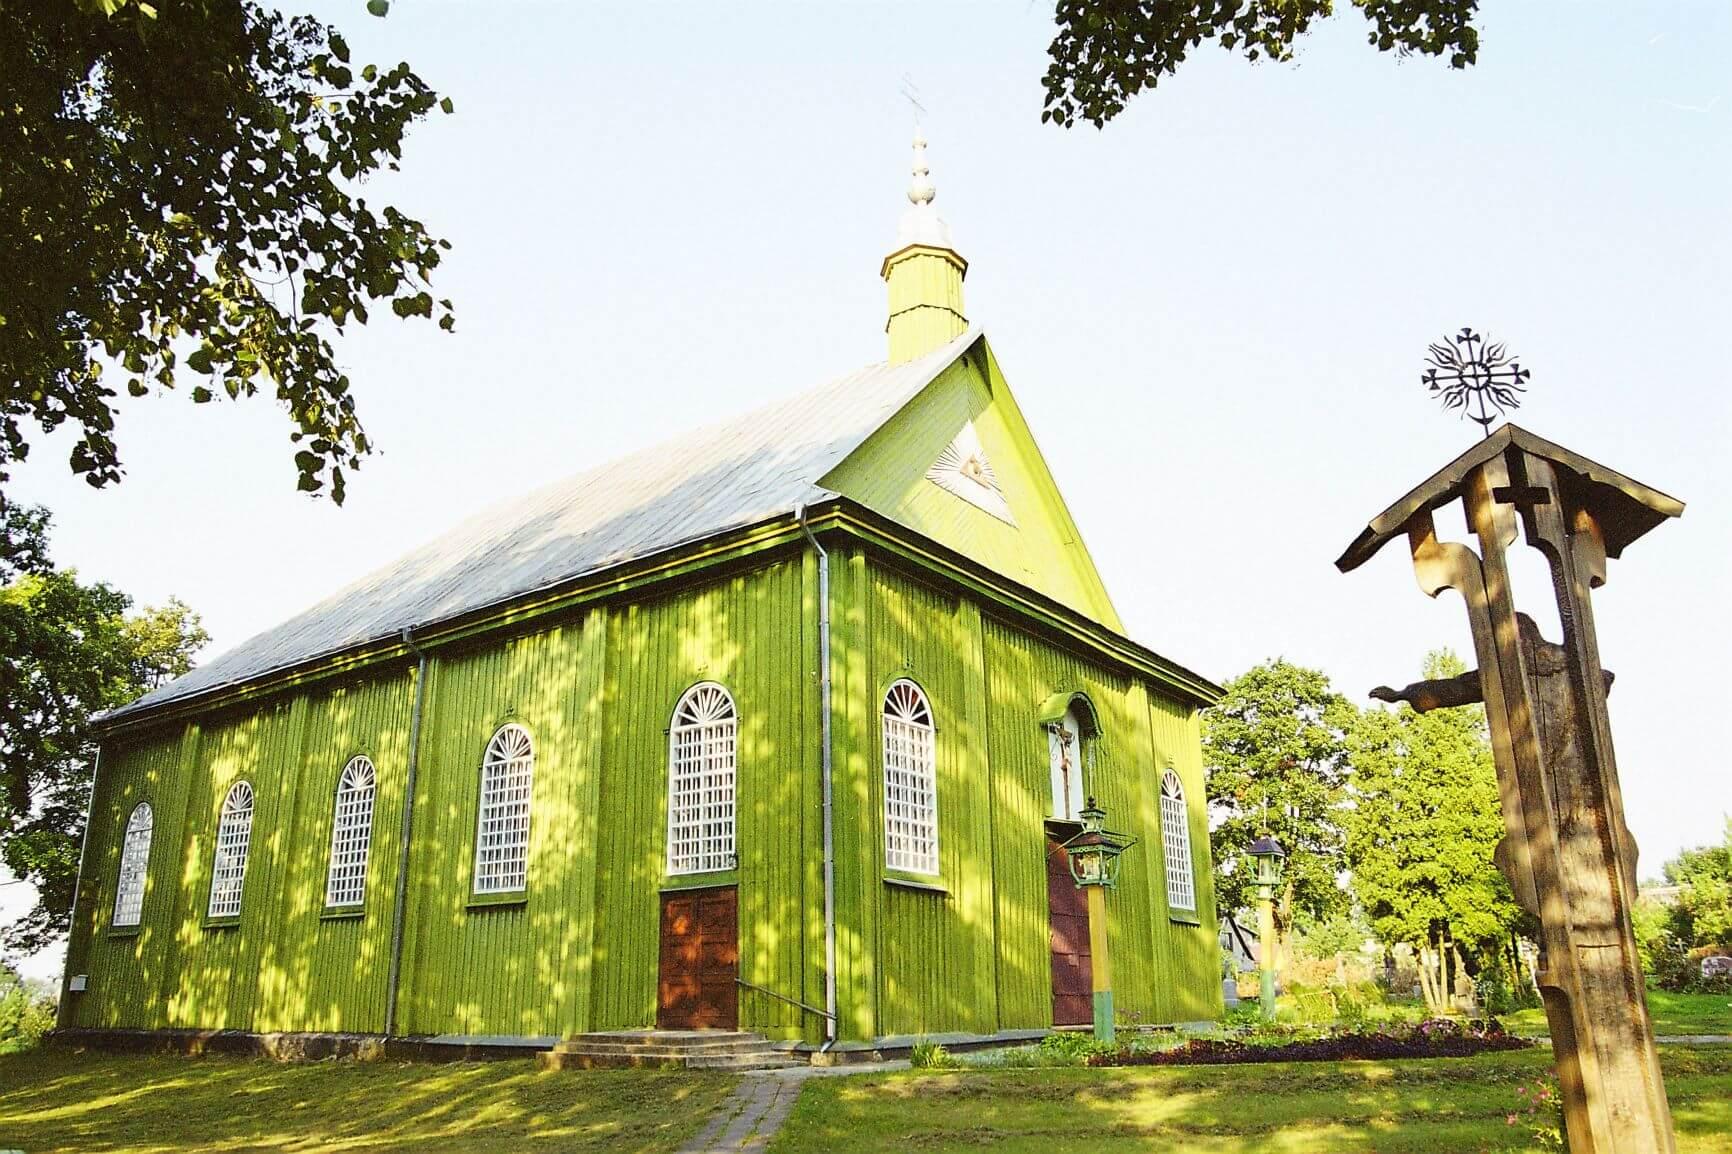 Babtų šv. apaštalų Petro ir Povilo bažnyčia (Kauno rajonas)